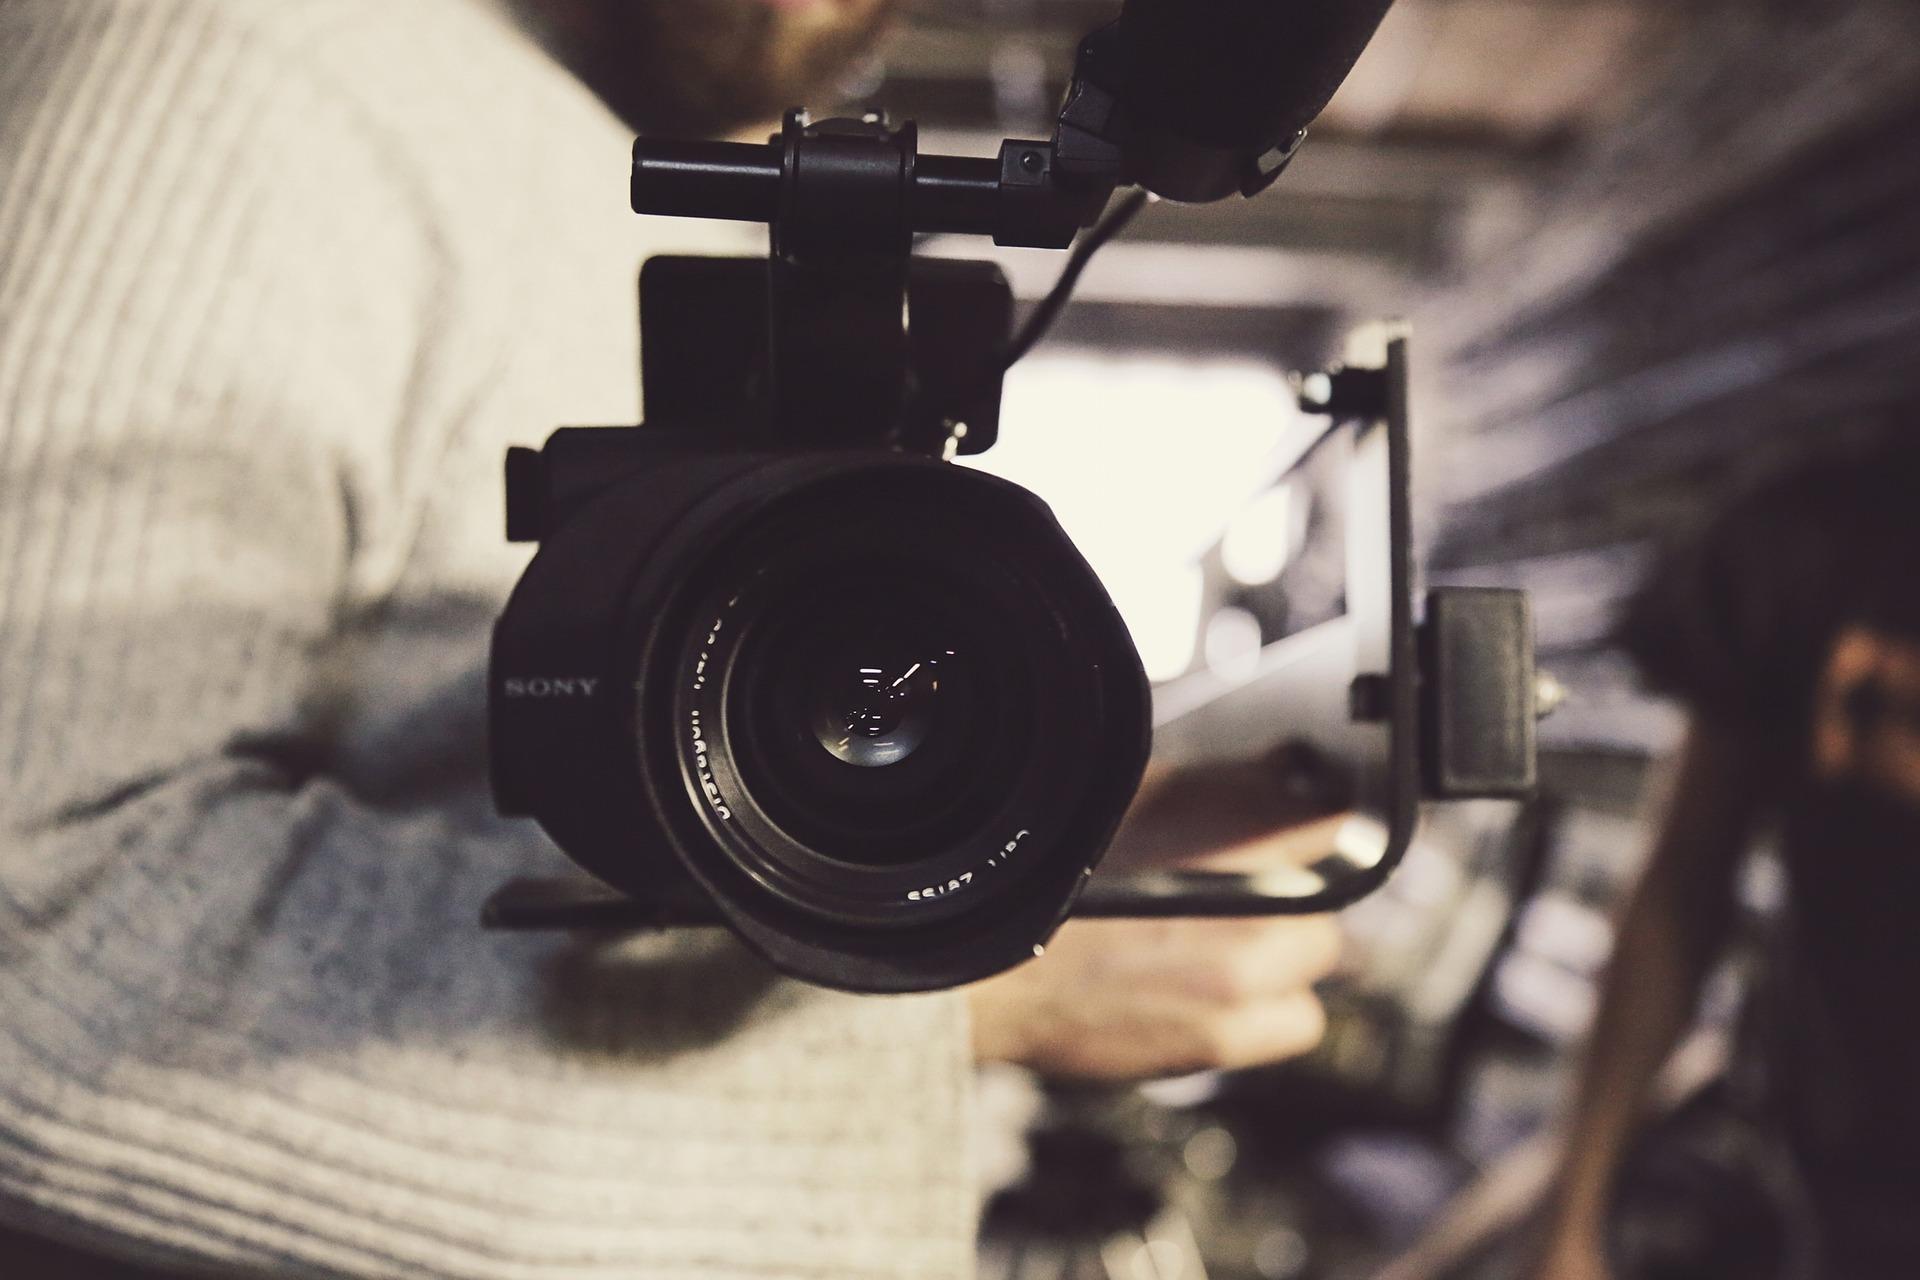 影音當道!善用全球影音內容媒合平台,輕鬆掌握影音先機